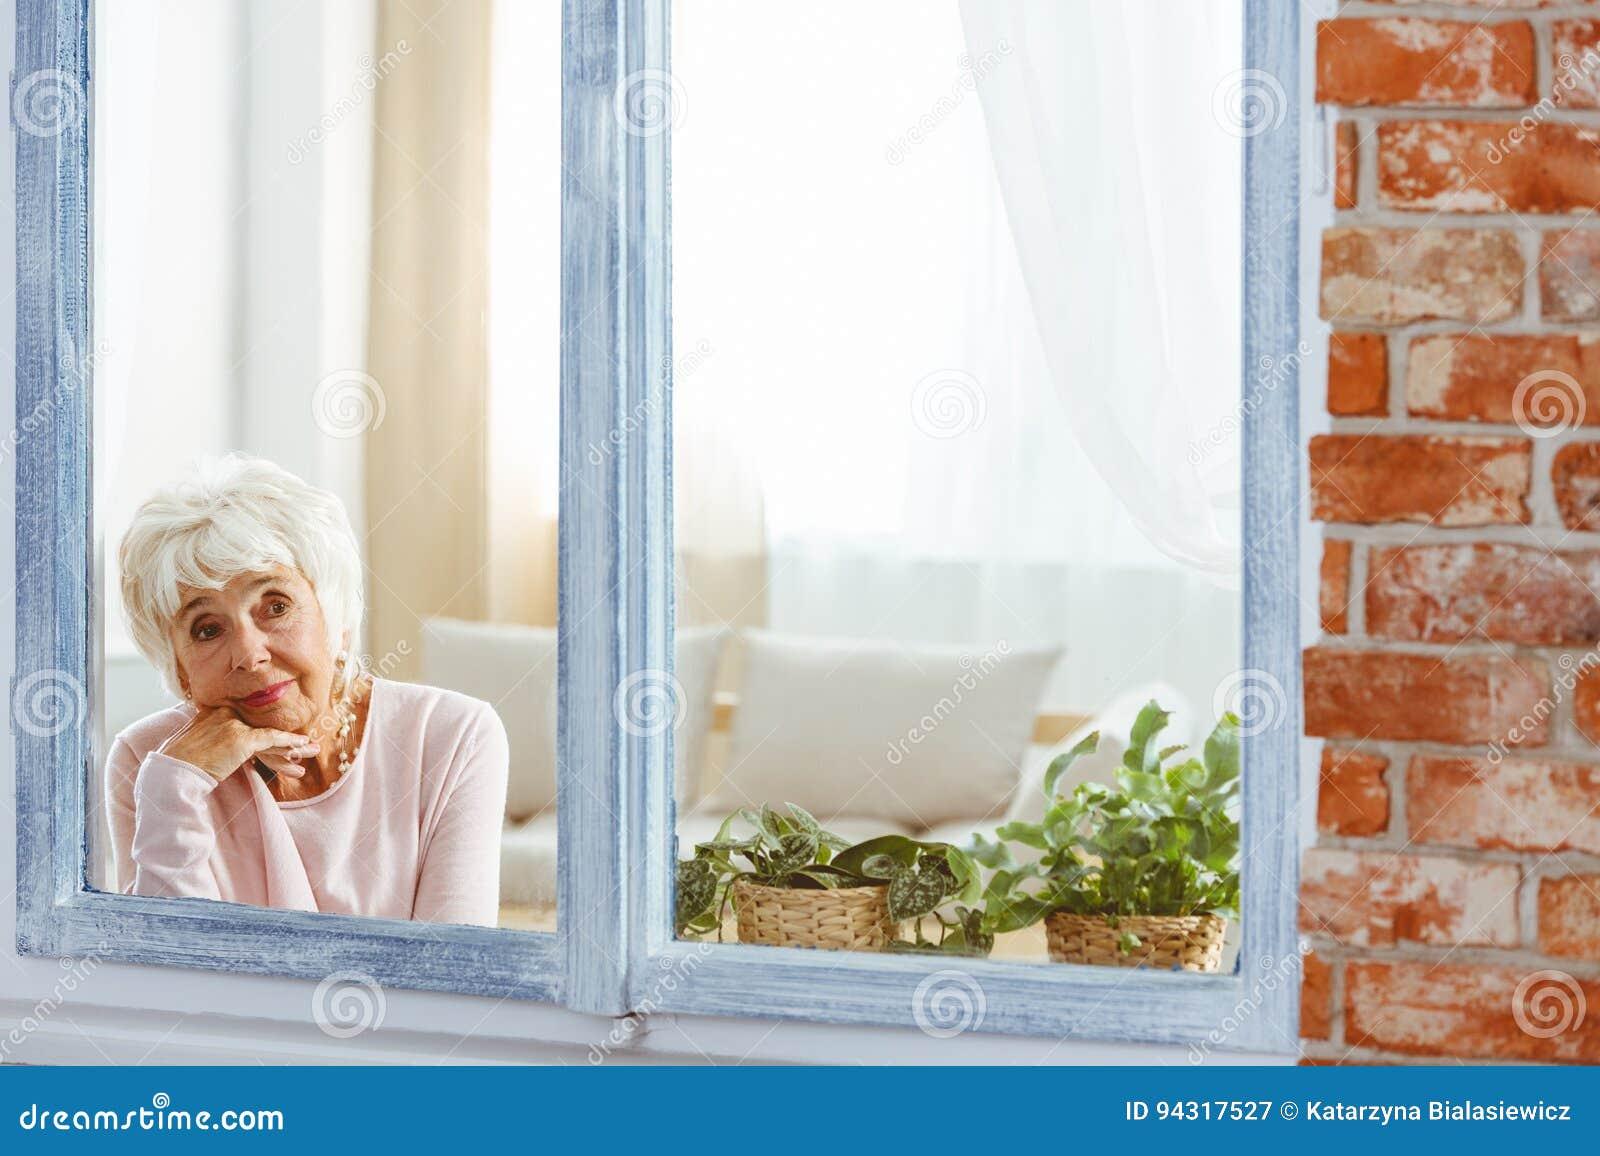 Kvinna som är borttappad i tanke vid fönstret